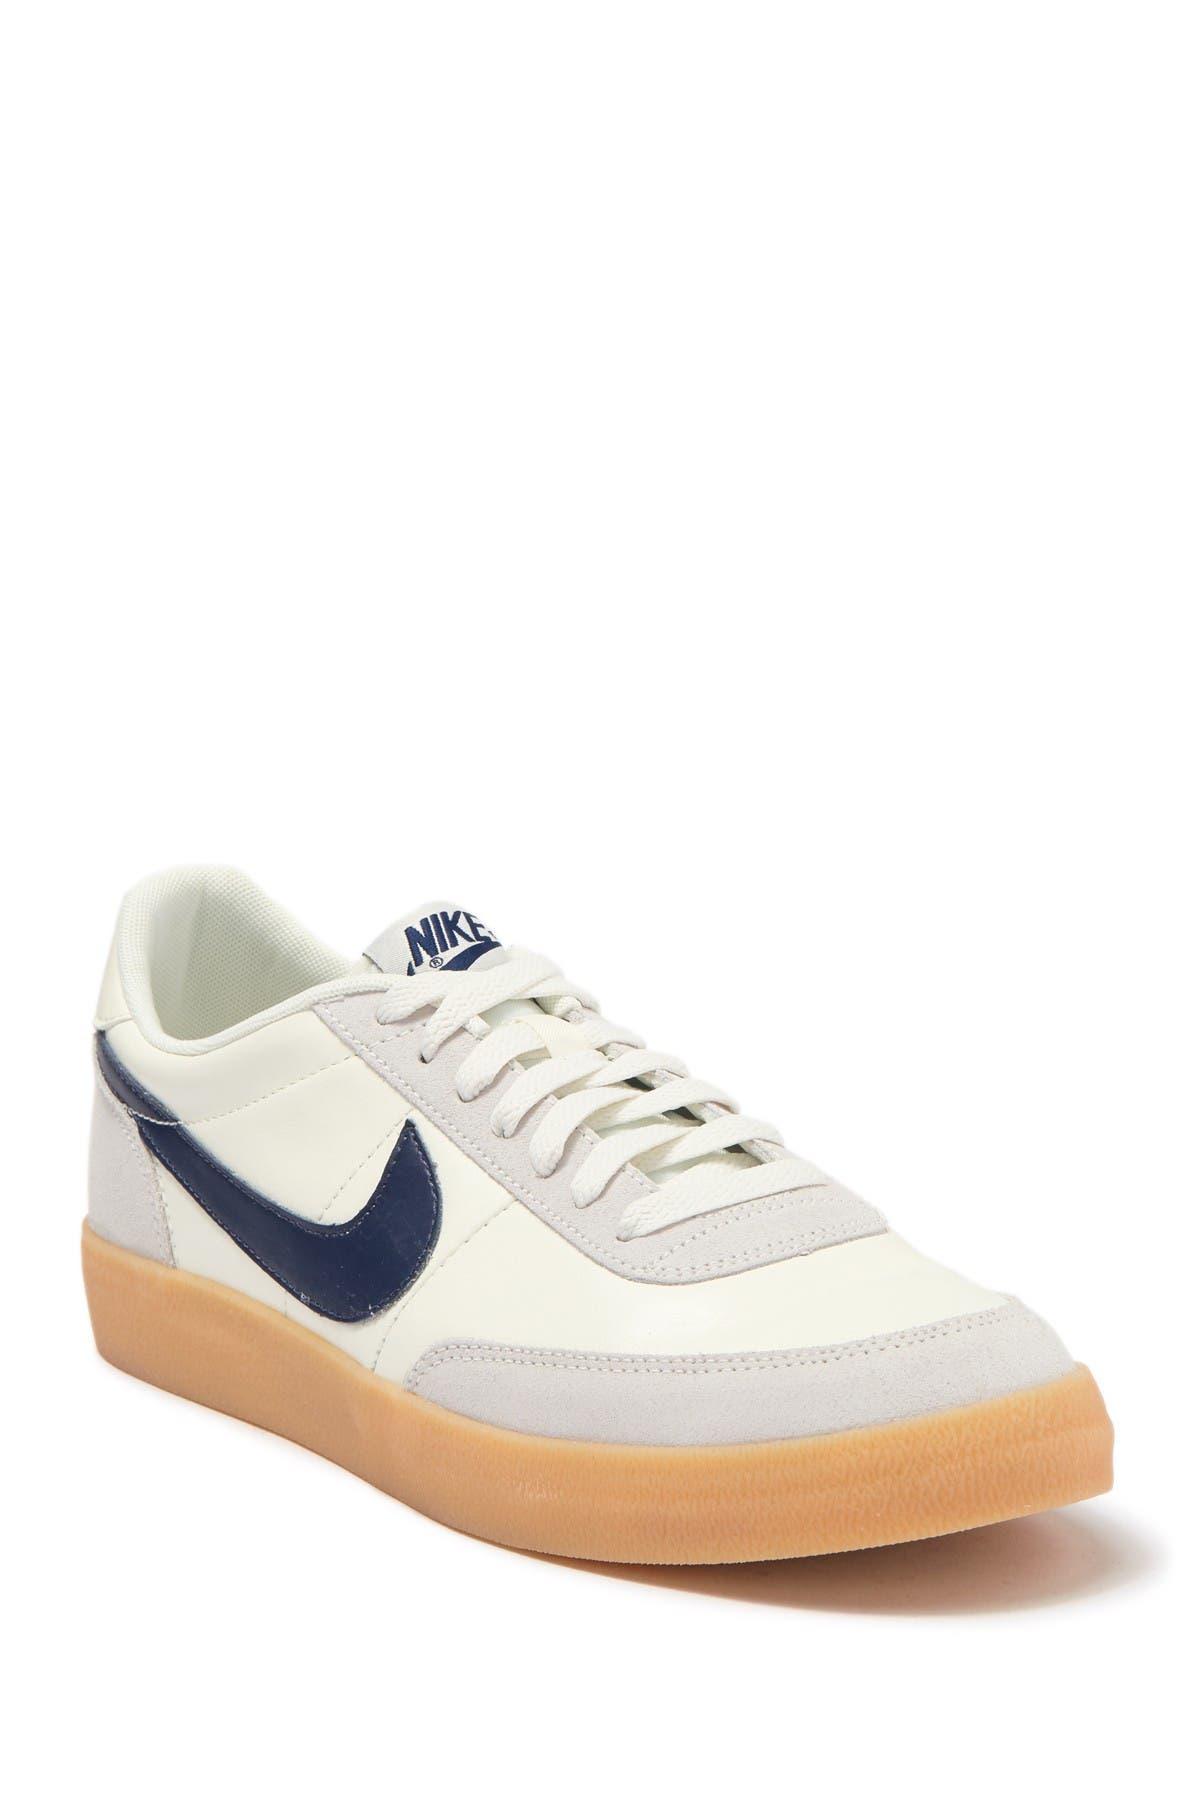 Nike   Killshot Leather 2 Sneaker